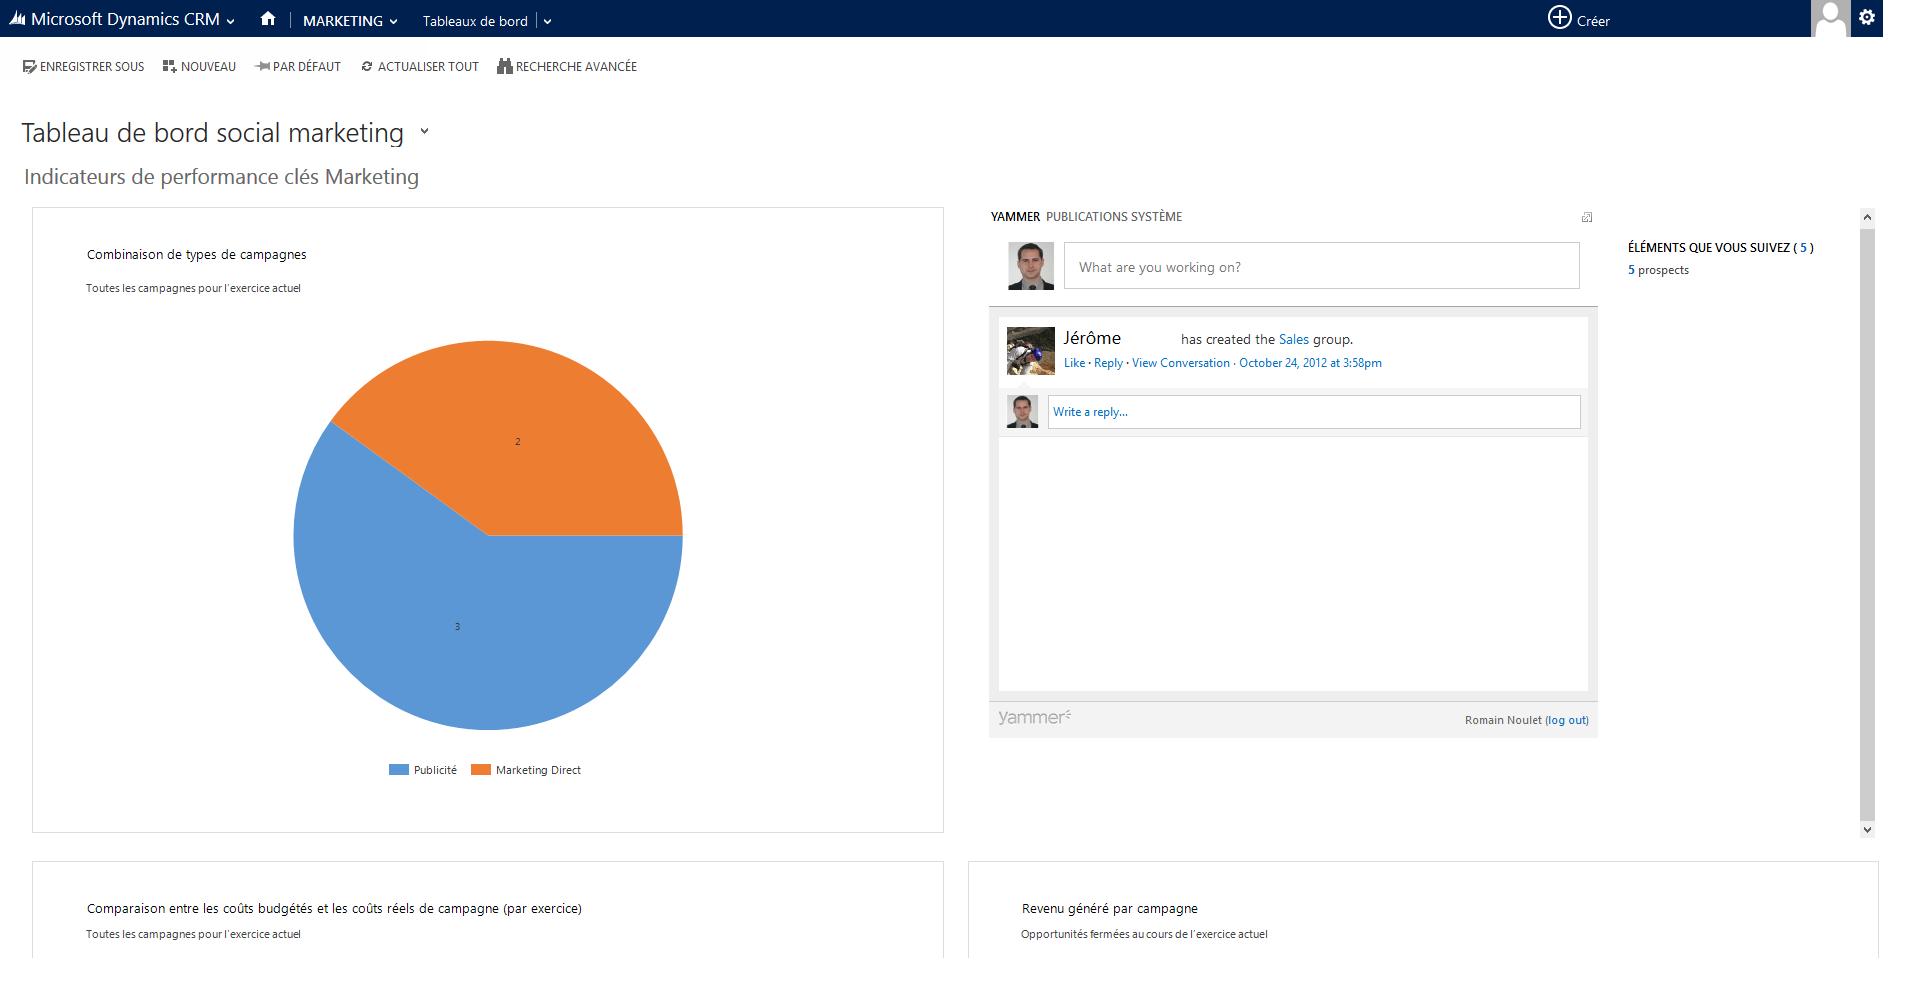 Microsoft Dynamics CRM: Tipo de contacto, seguro contra la pérdida de datos, etiquetas